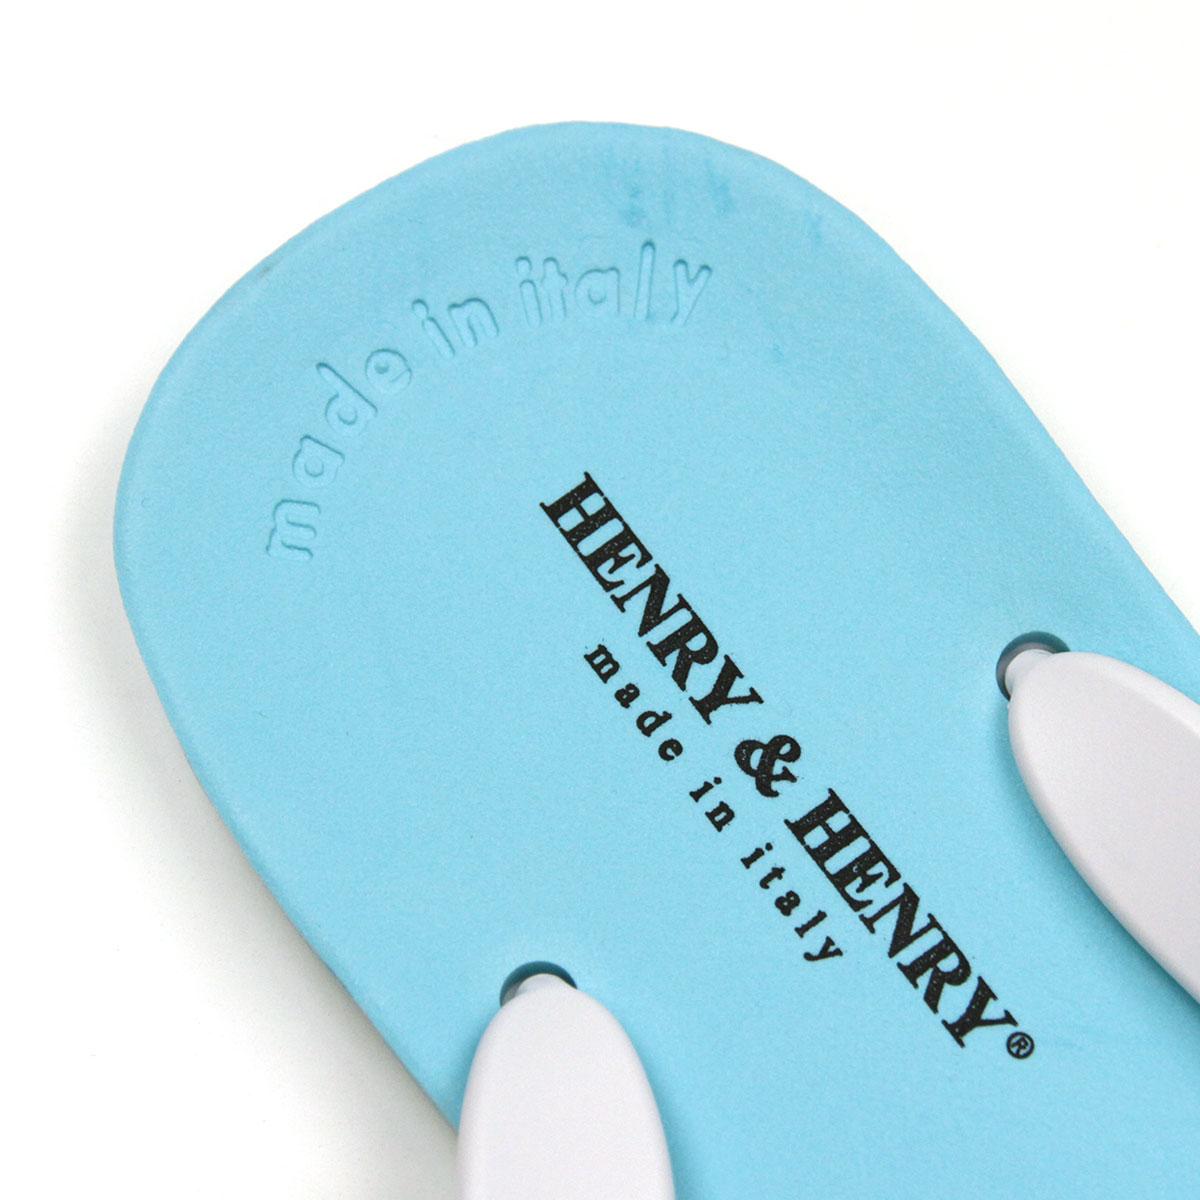 ヘンリーアンドヘンリー HENRY&HENRY 正規販売店 サンダル フリッパー FRIPPER SANDAL ACQUA / BIANCO 32/31 A66B B3C C4D D3E E01F